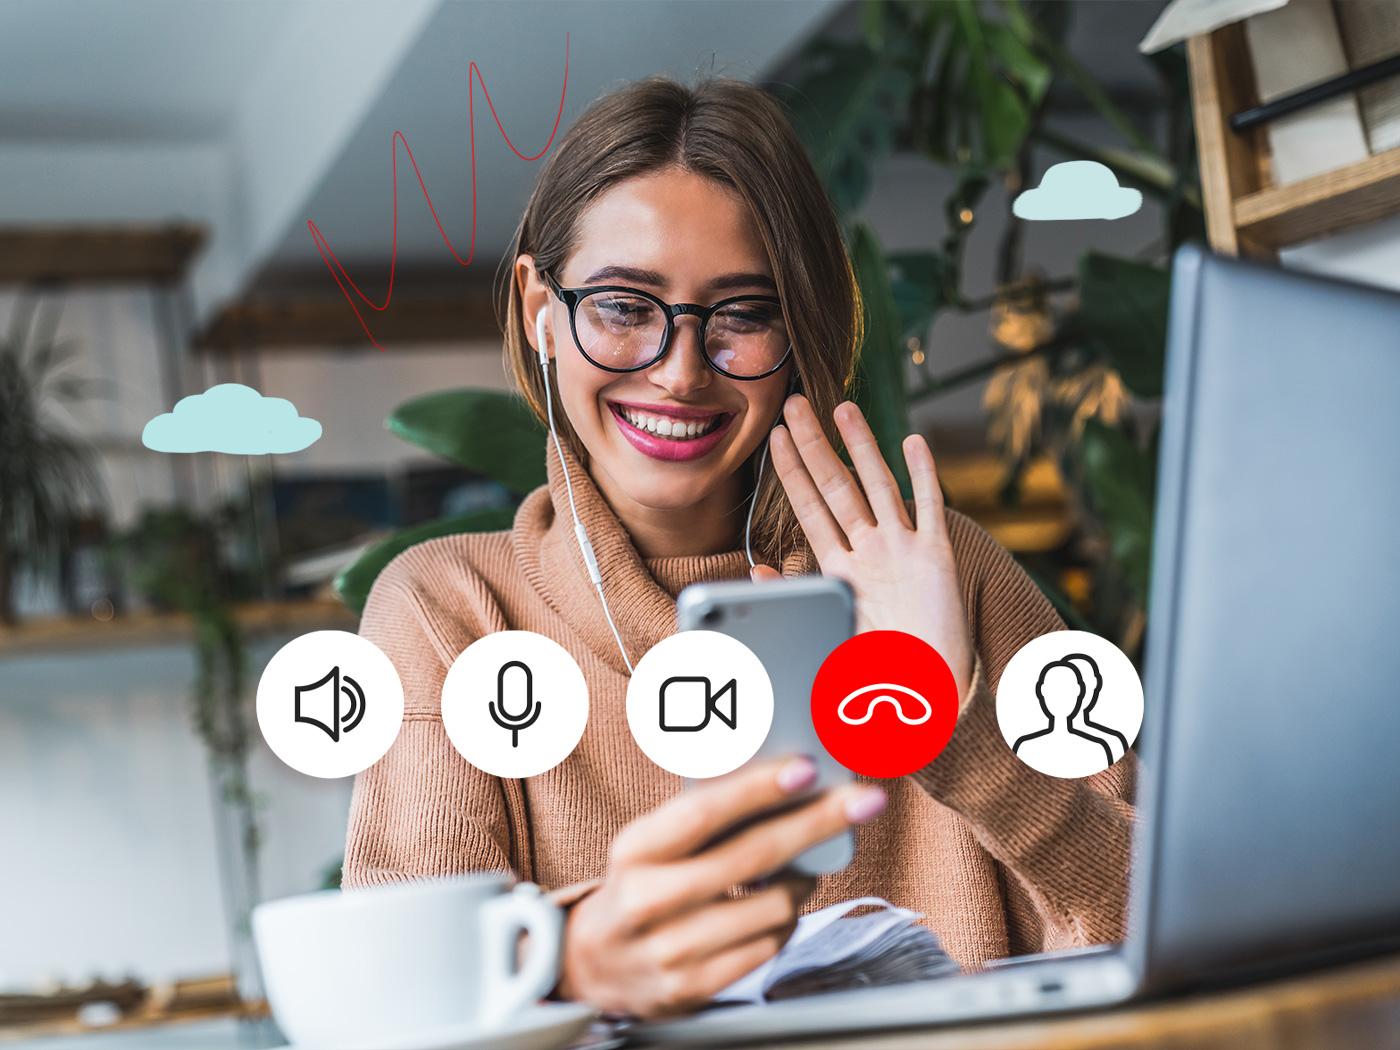 8 μυστικά για να δείχνεις τέλεια στα zoom calls και στο facetime!